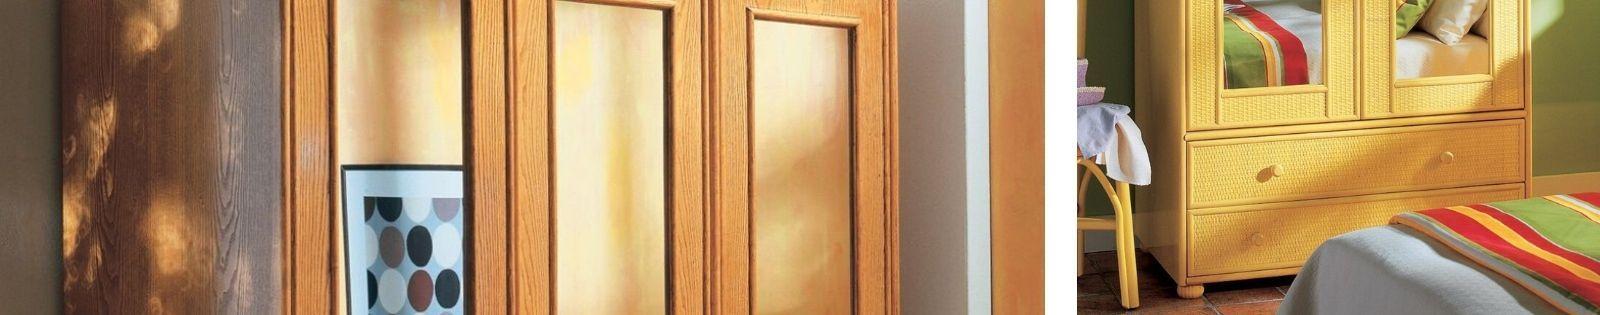 Armoires en rotin : meubles haut de gamme de fabrication espagnole.